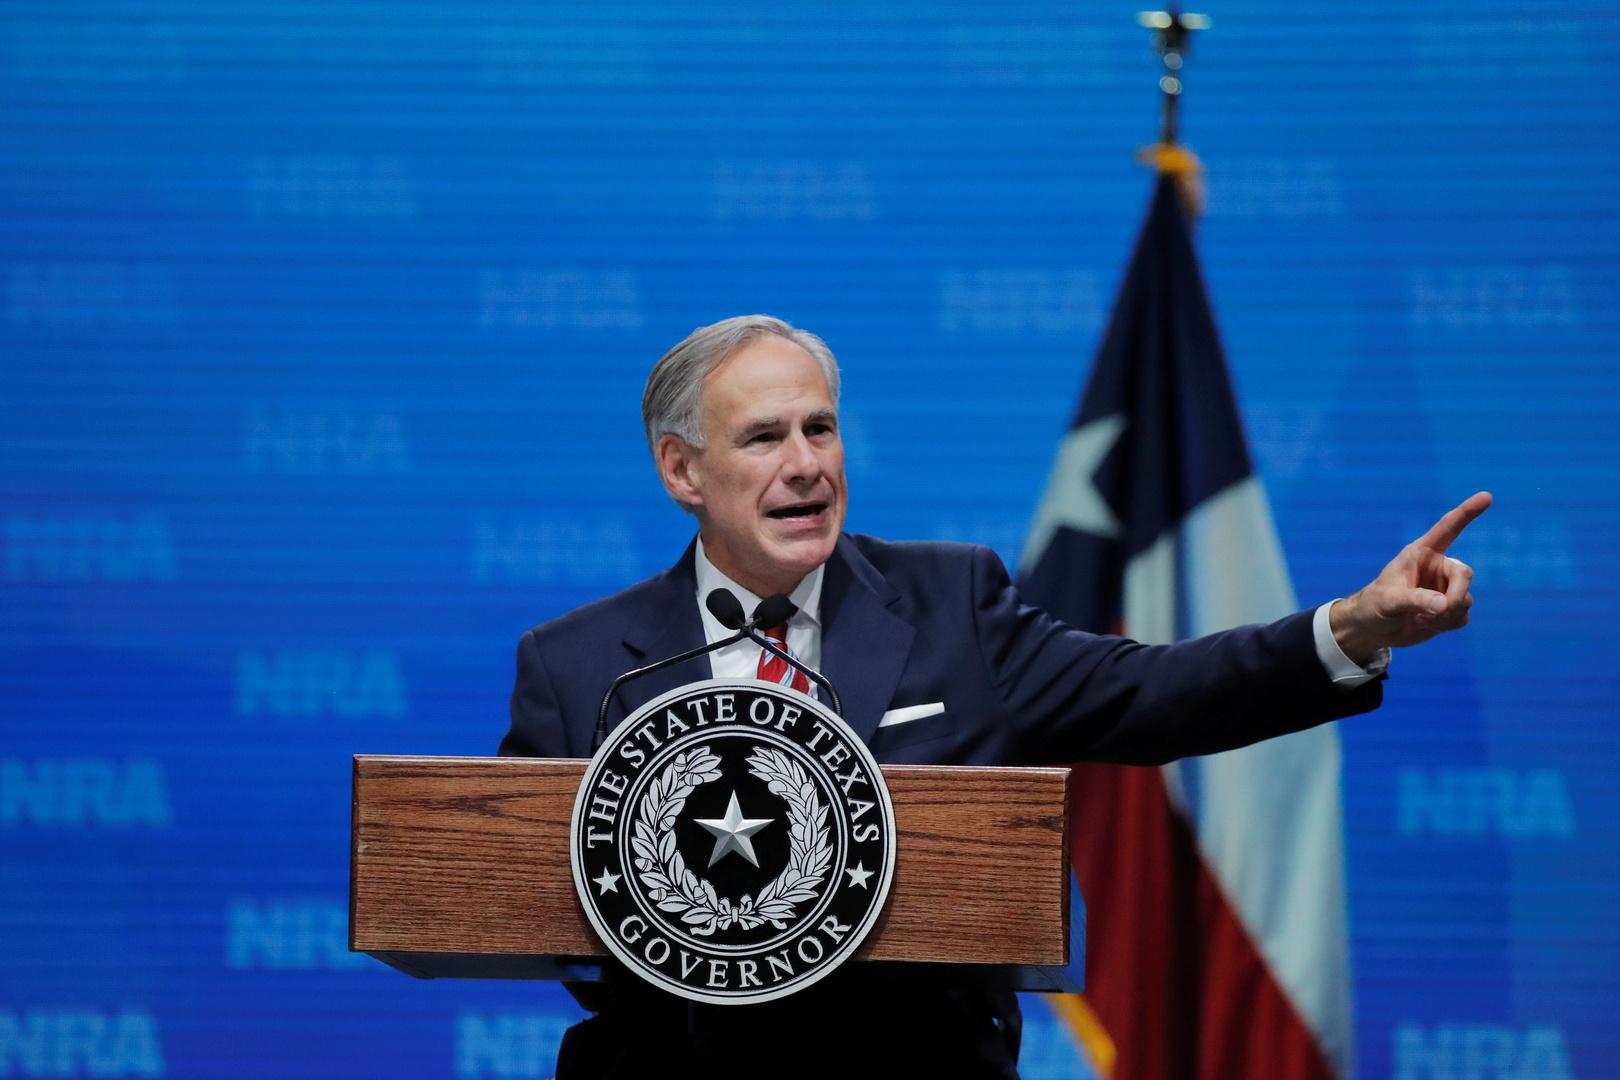 حاكم ولاية تكساس يجري جولة على الحدود مع المكسيك مصطحبا ترامب